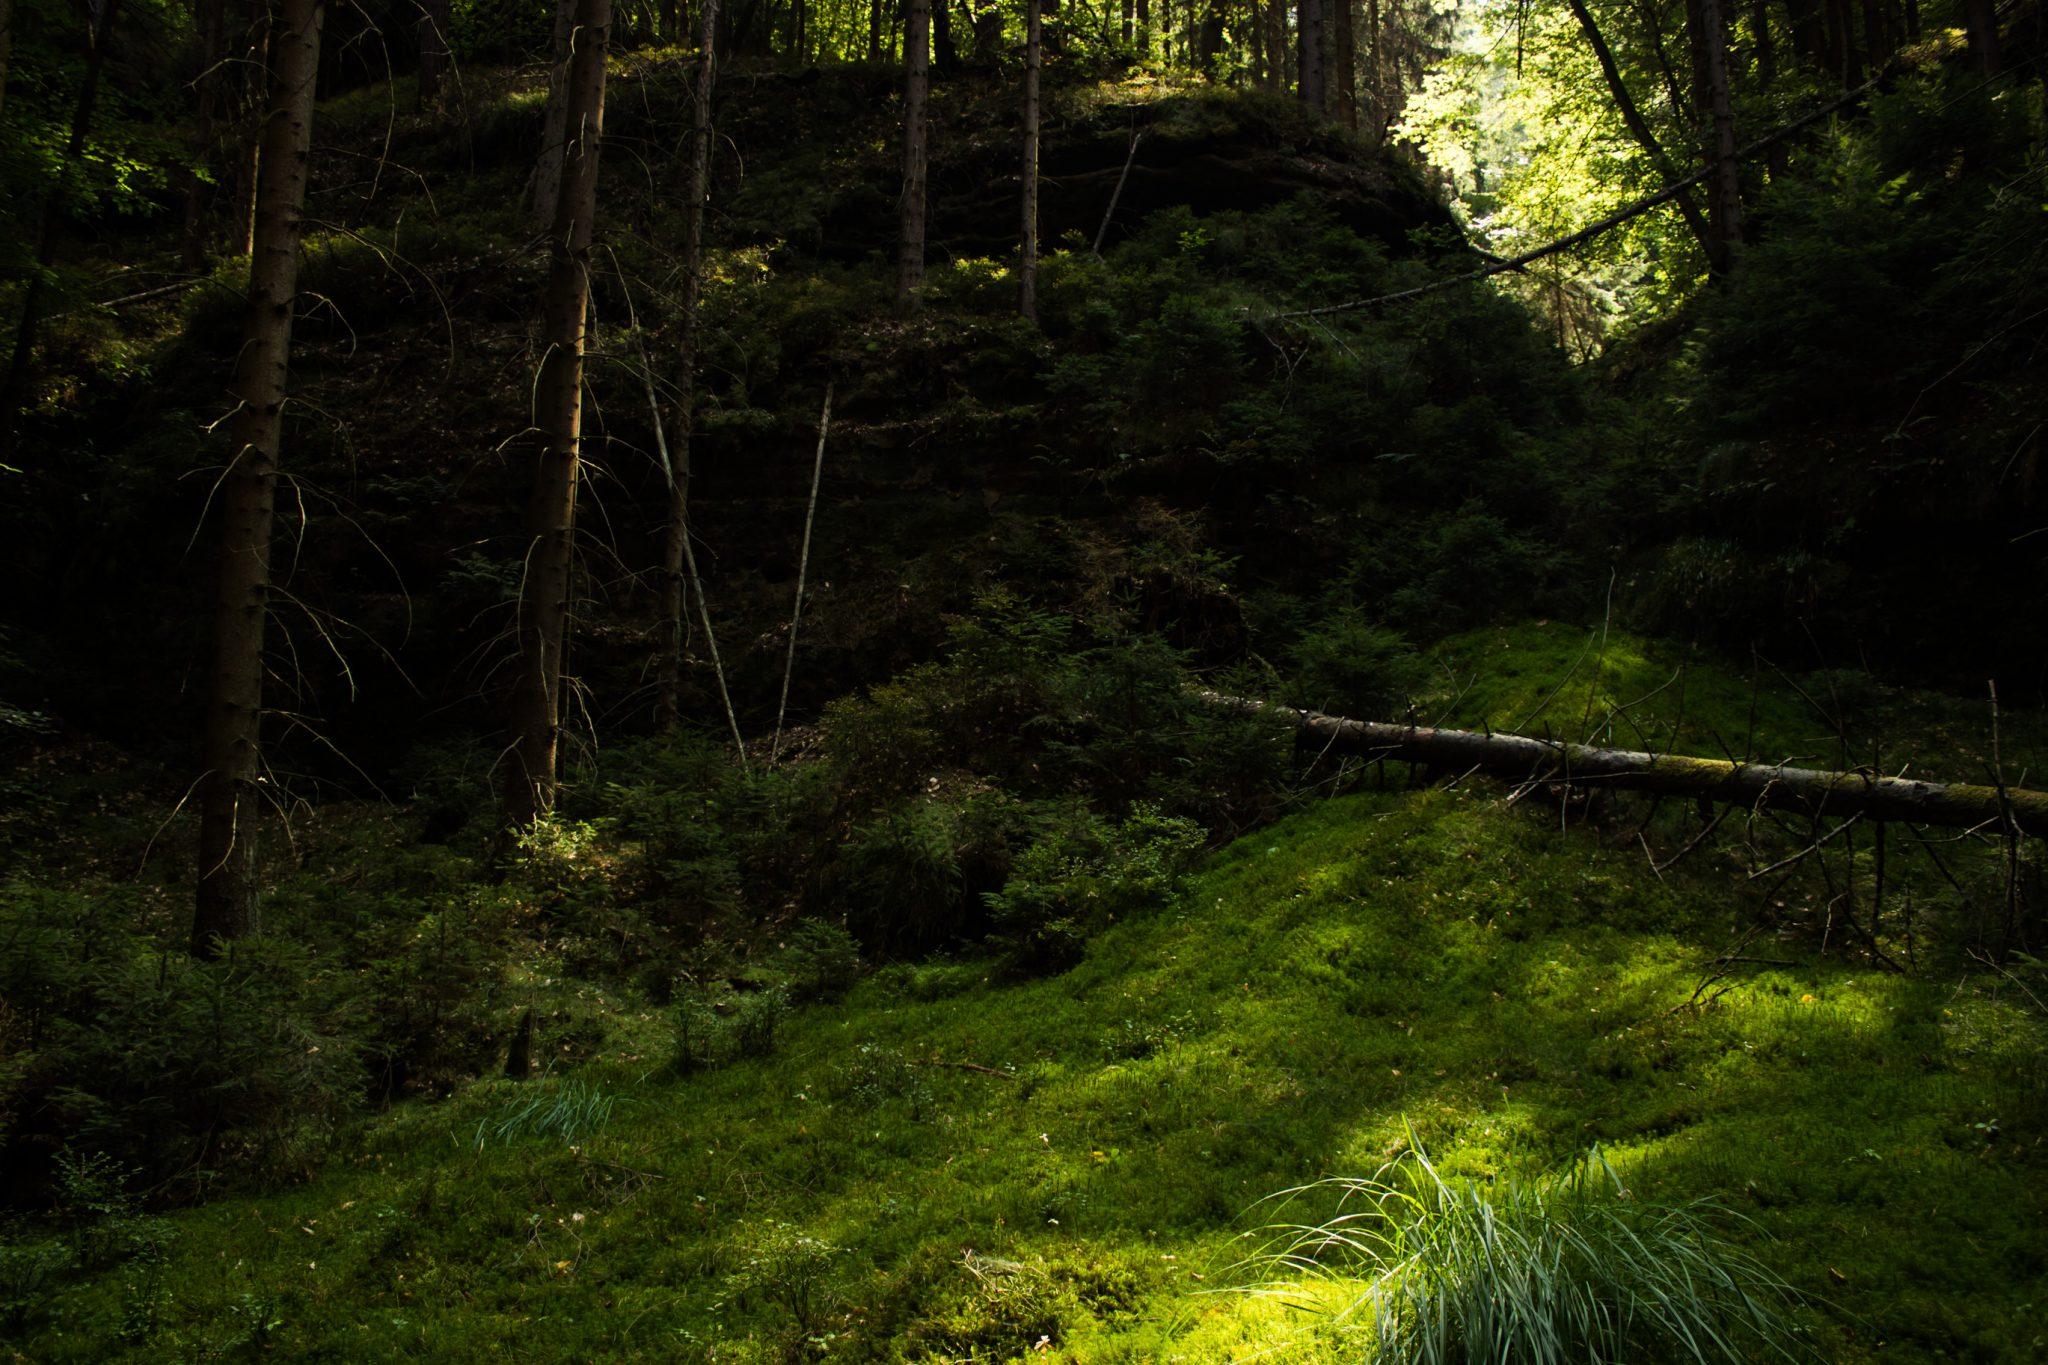 Zeughaus Roß- und Goldsteig Richterschlüchte im Kirnitzschtal wandern, Wanderweg im Wanderparadies Sächsische Schweiz mit vielen tollen Aussichten, riesiger Felsennationalpark, sehr viel saftig grünes Moos